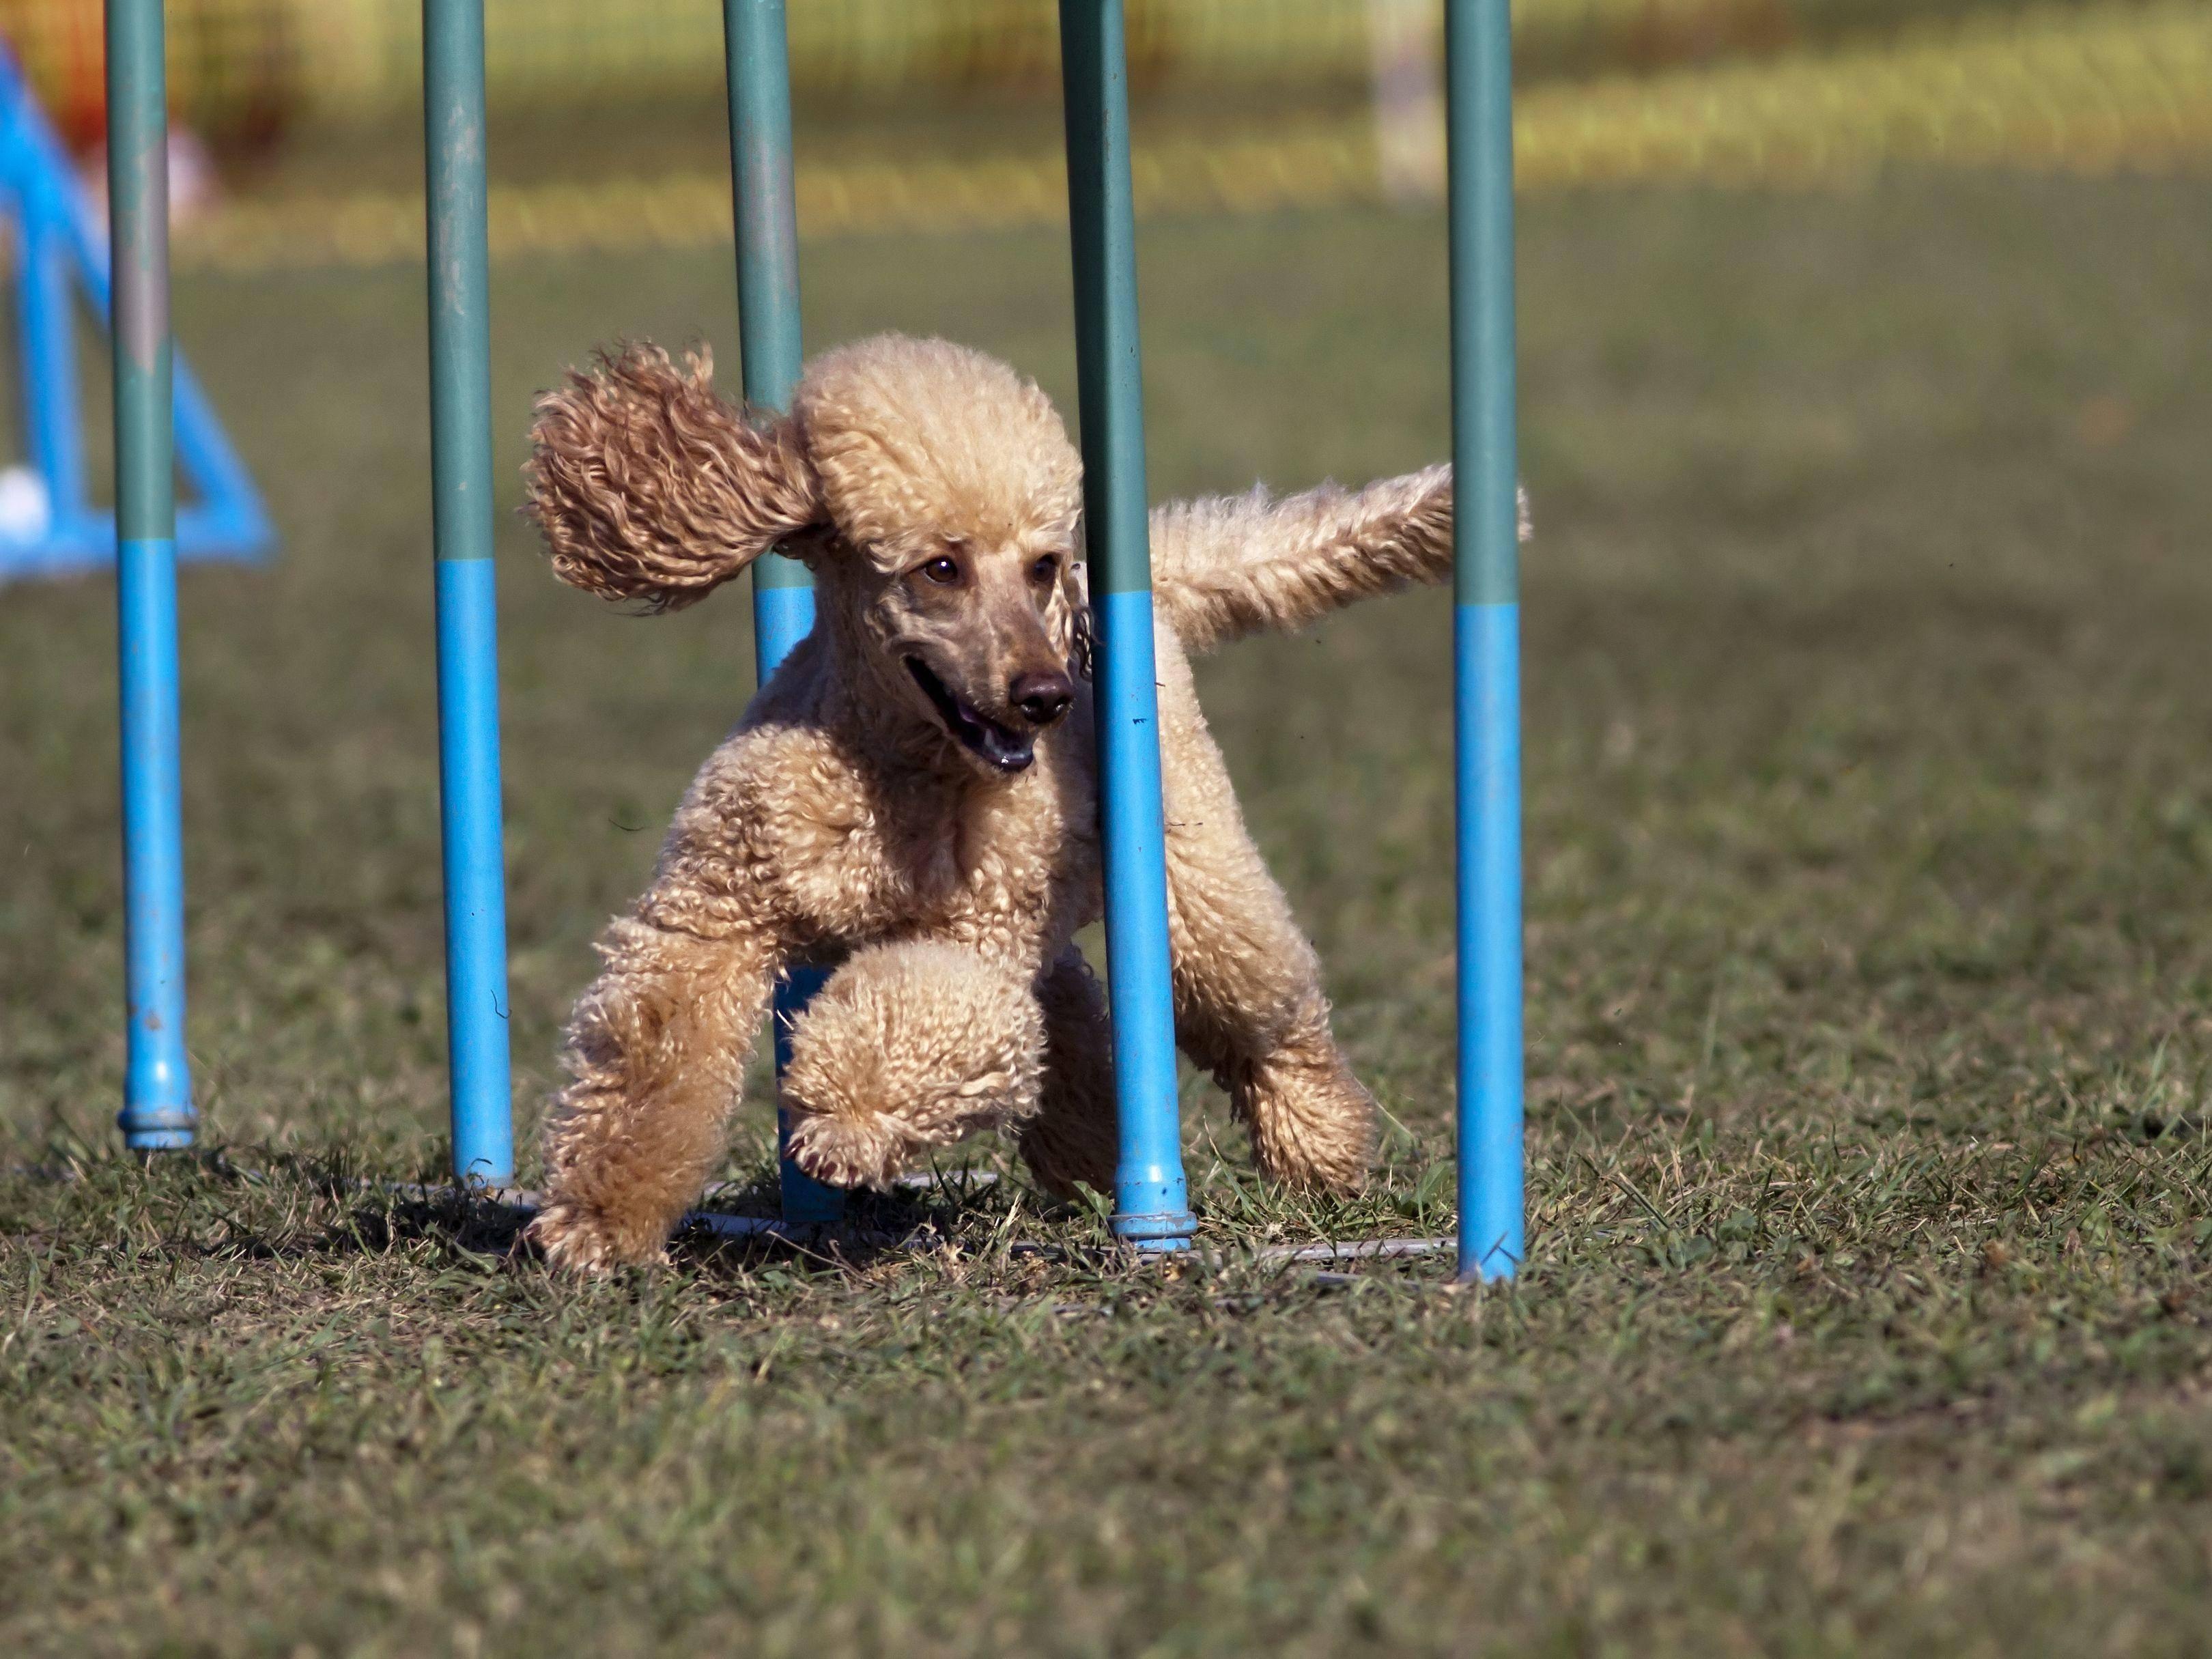 Wichtig beim Agility-Hundeslalom: Keine Stange auslassen — Bild: Shutterstock / Reddogs